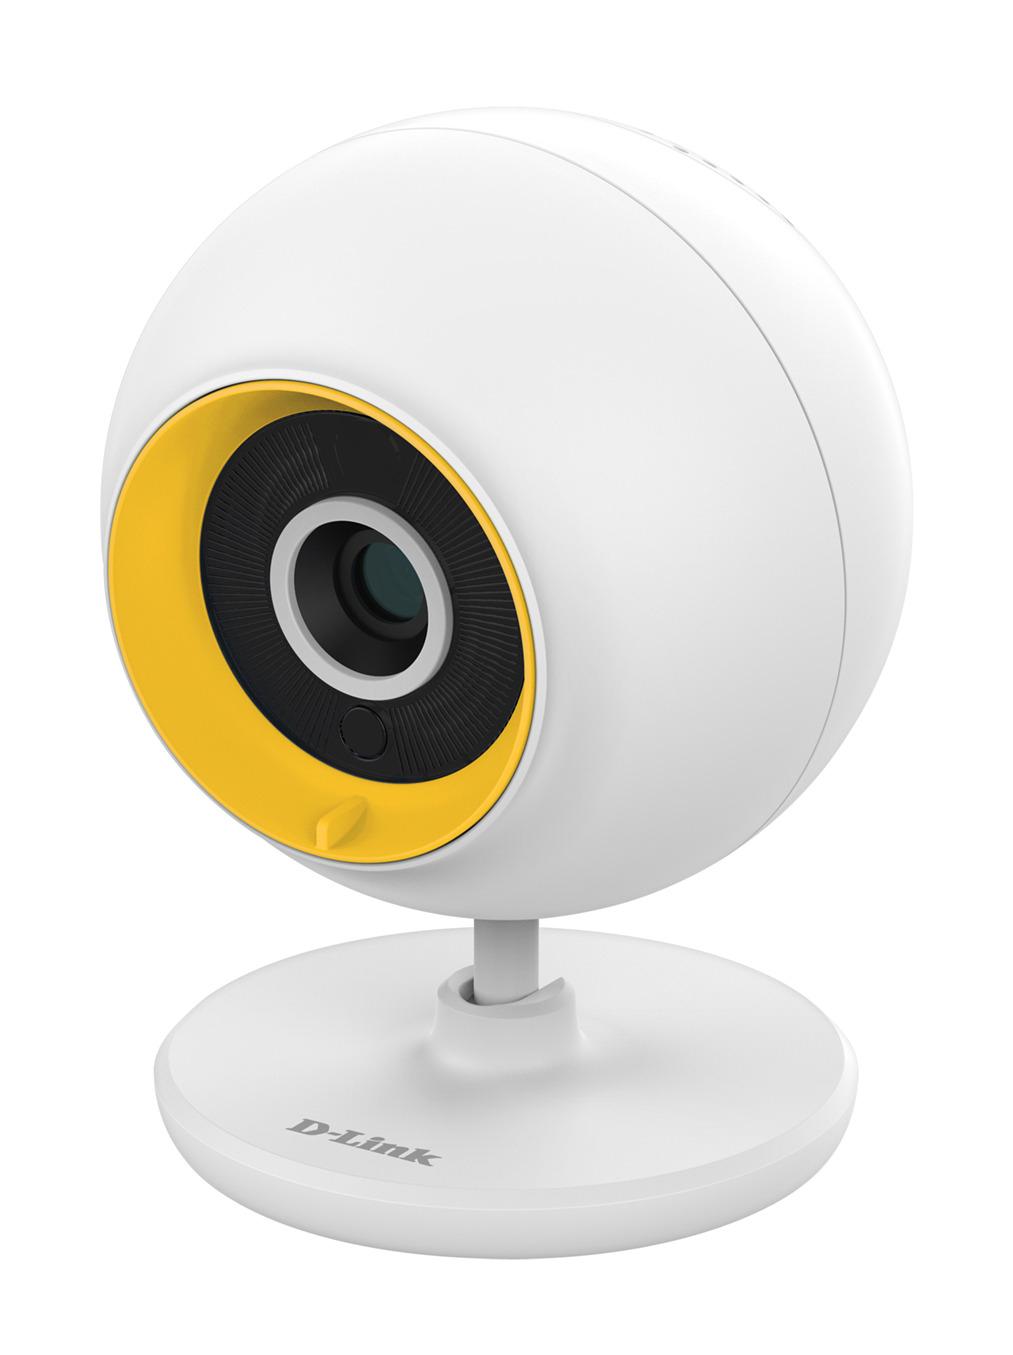 Z napravo za nadzor hišnih ljubljenčkov EyeOn™ boste na cenovno ugoden in preprost način lahko pazili na svoje hišne ljubljenčke od koderkoli